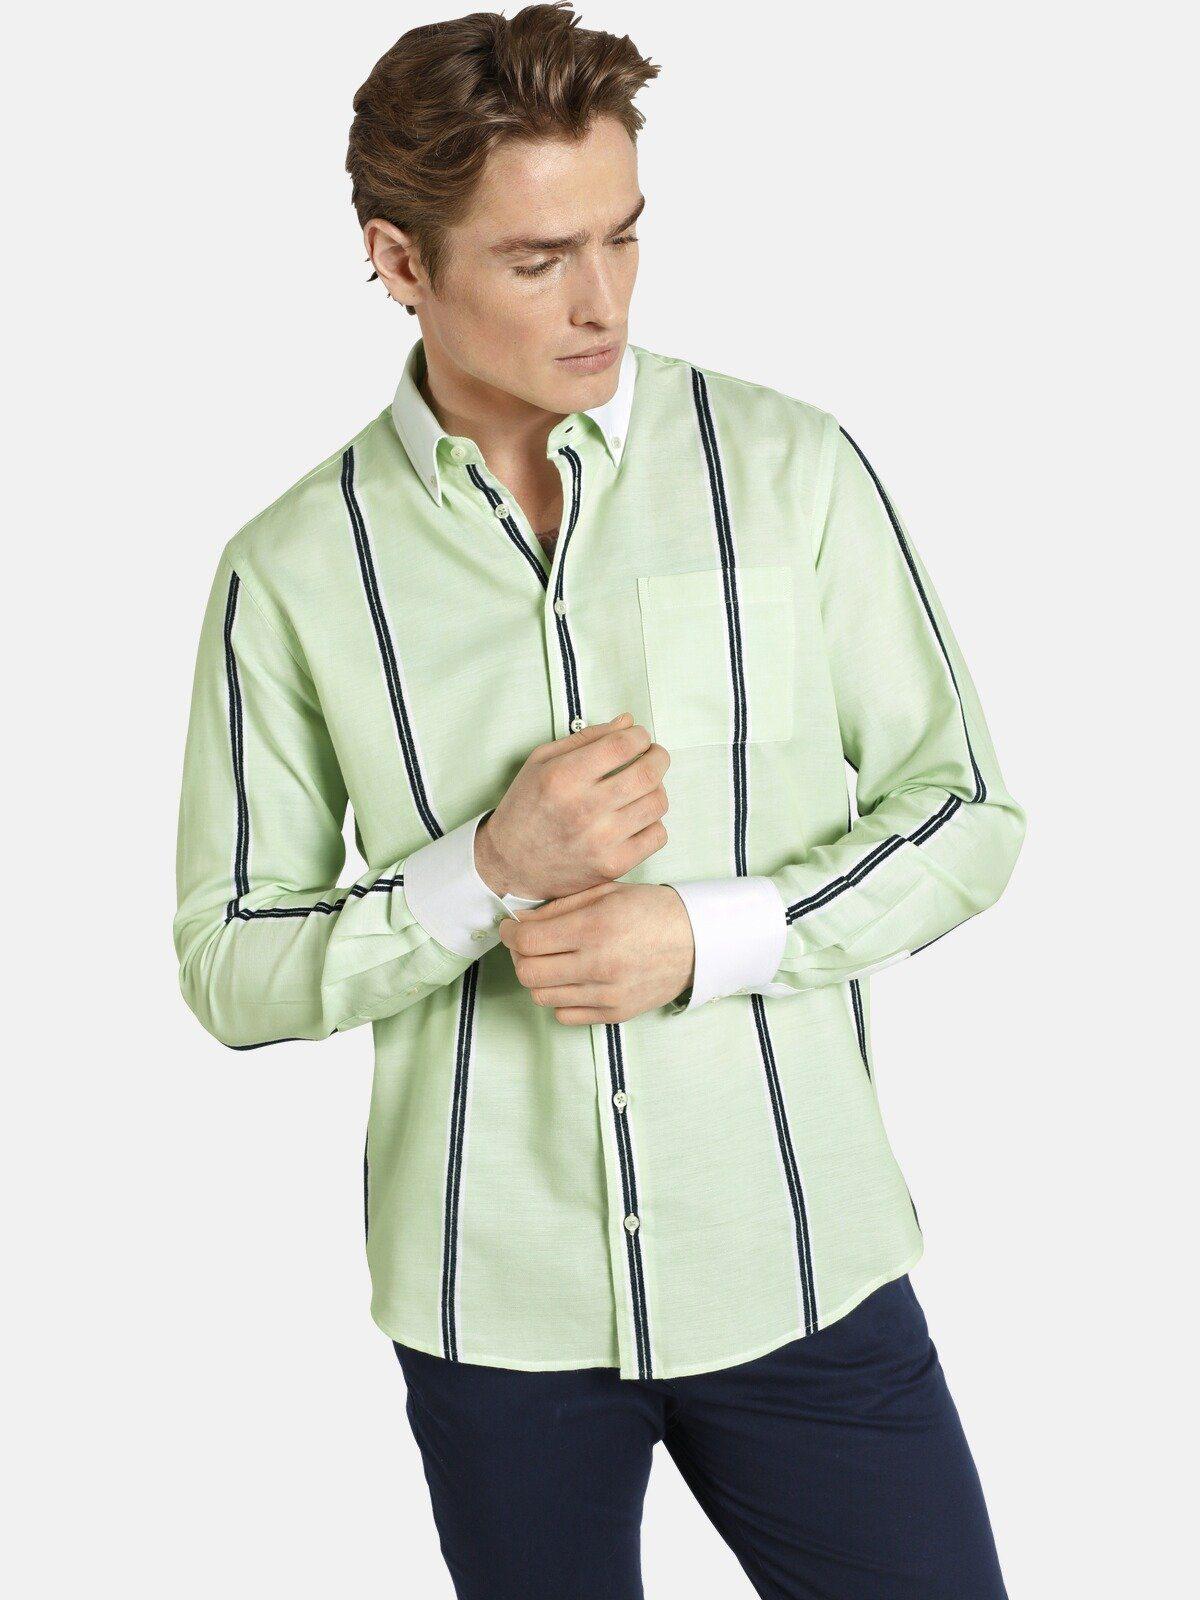 Shirtmaster Gestreept Overhemd Âgreenmelonâ Koop Je Bij - Geweldige Prijs